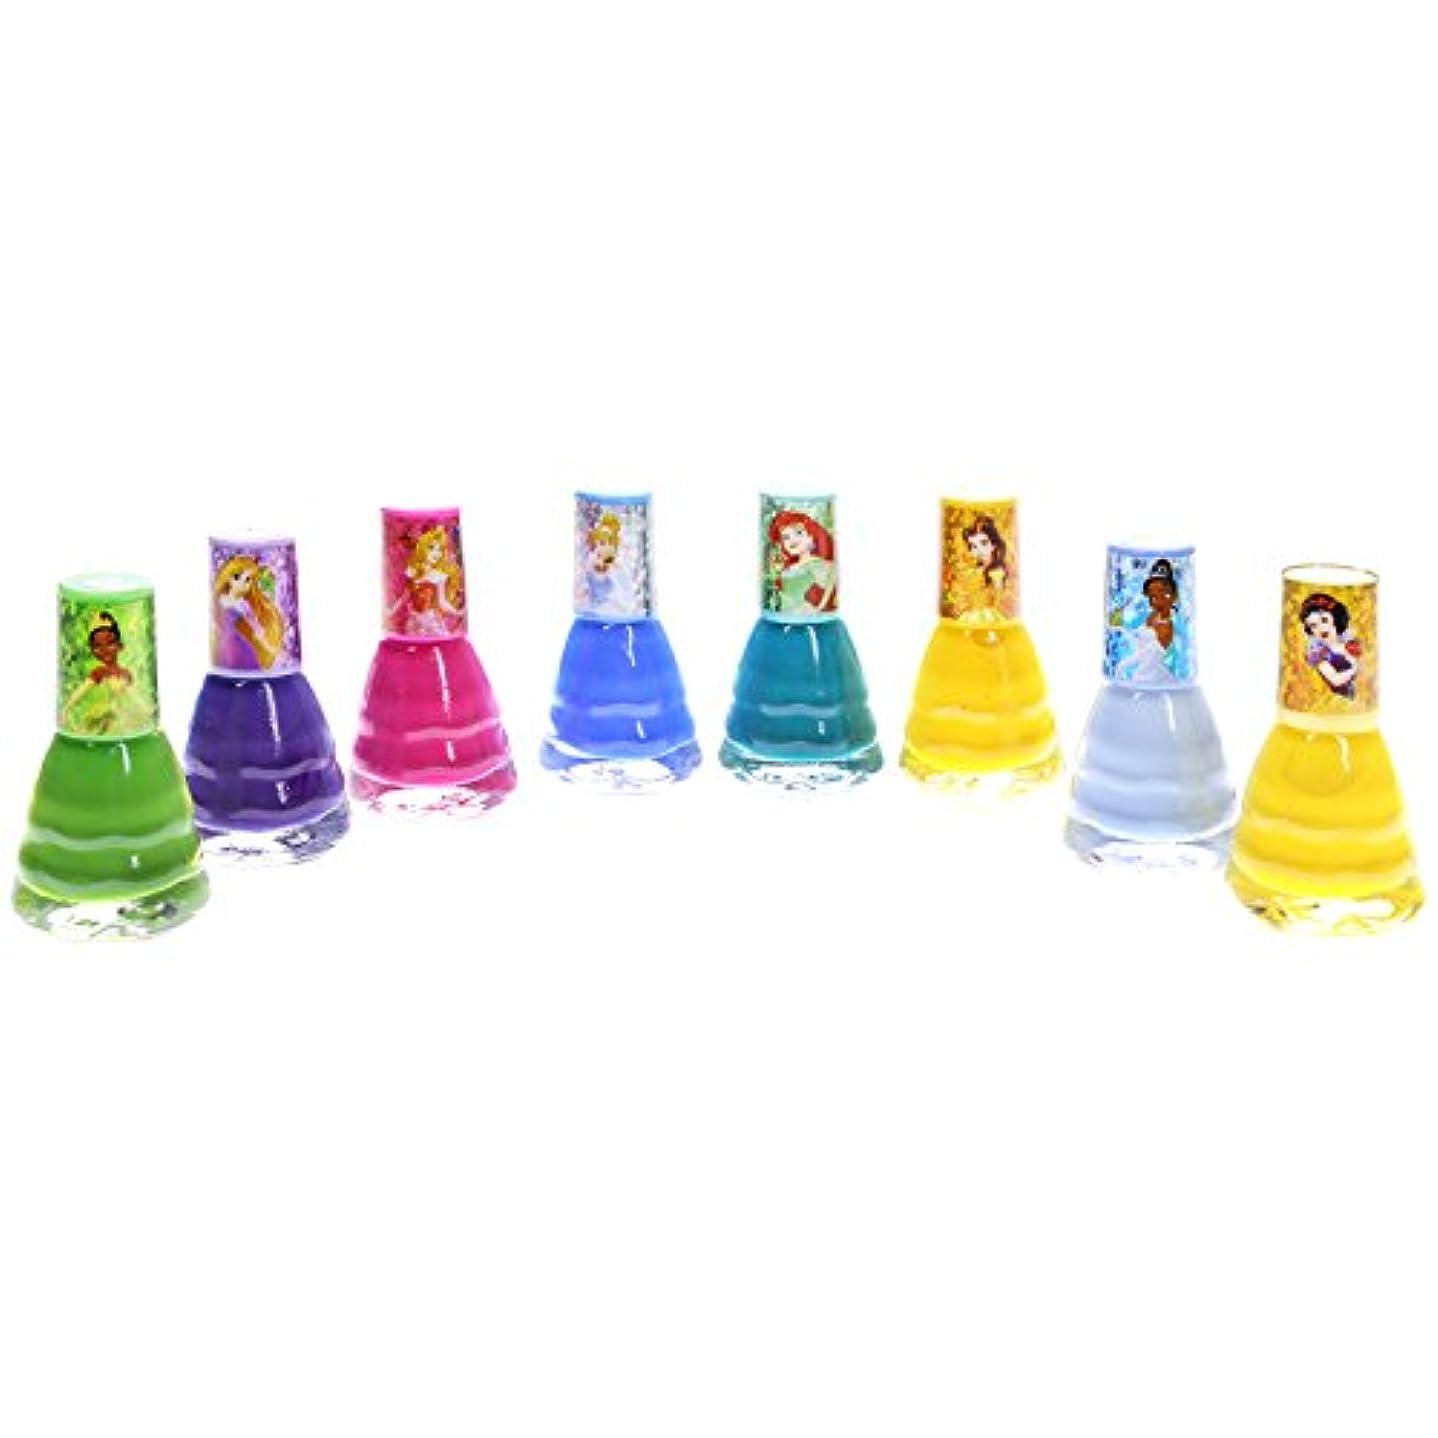 保有者背が高い収容する【Disney ディズニー】【PRINCESS プリンセス】キッズネイルセット 8ピース ドレス型 2.7ml×8個 子供用マニュキュア Nail Polish set